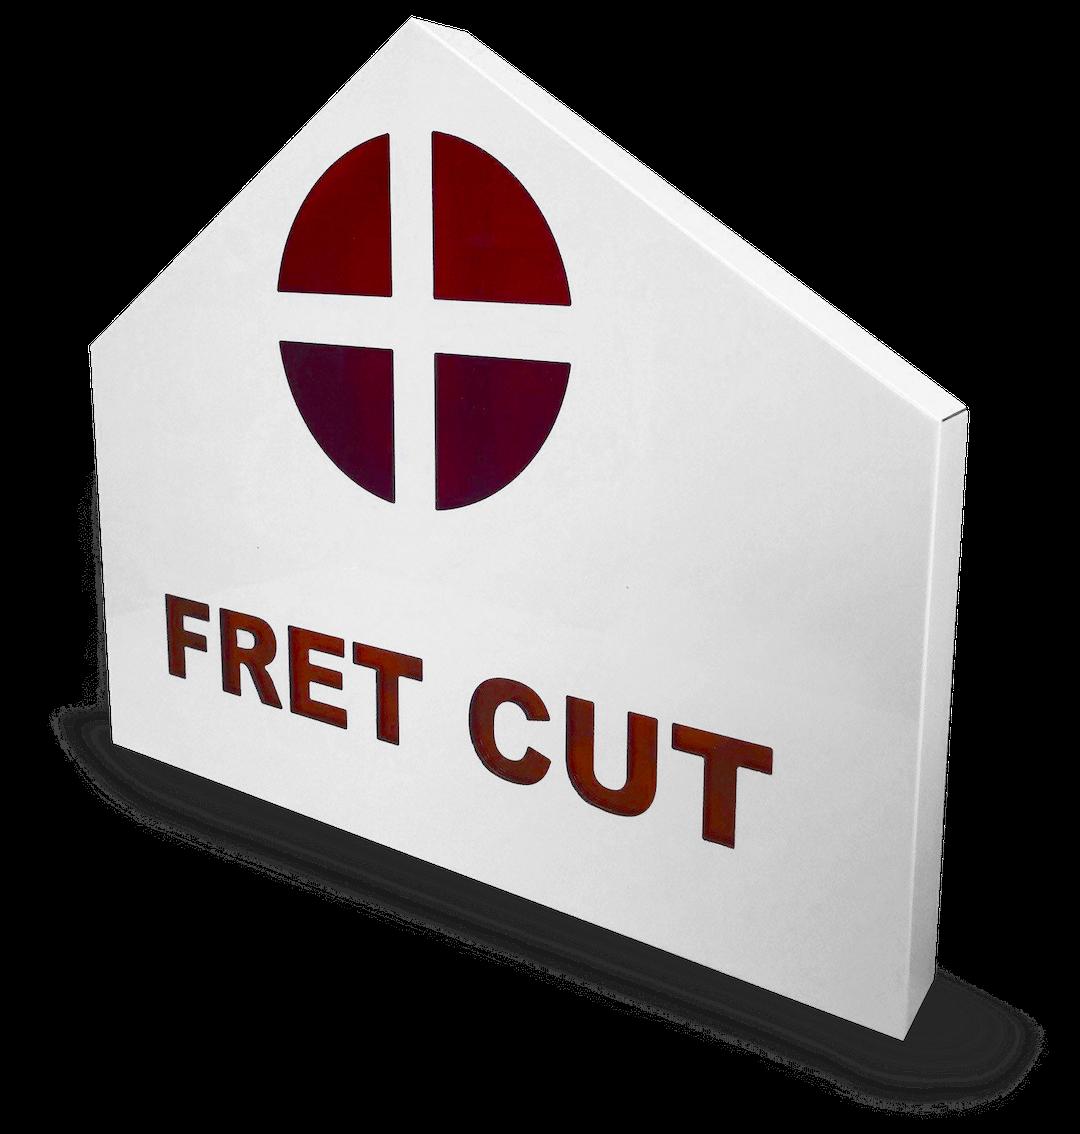 Fret cut tray